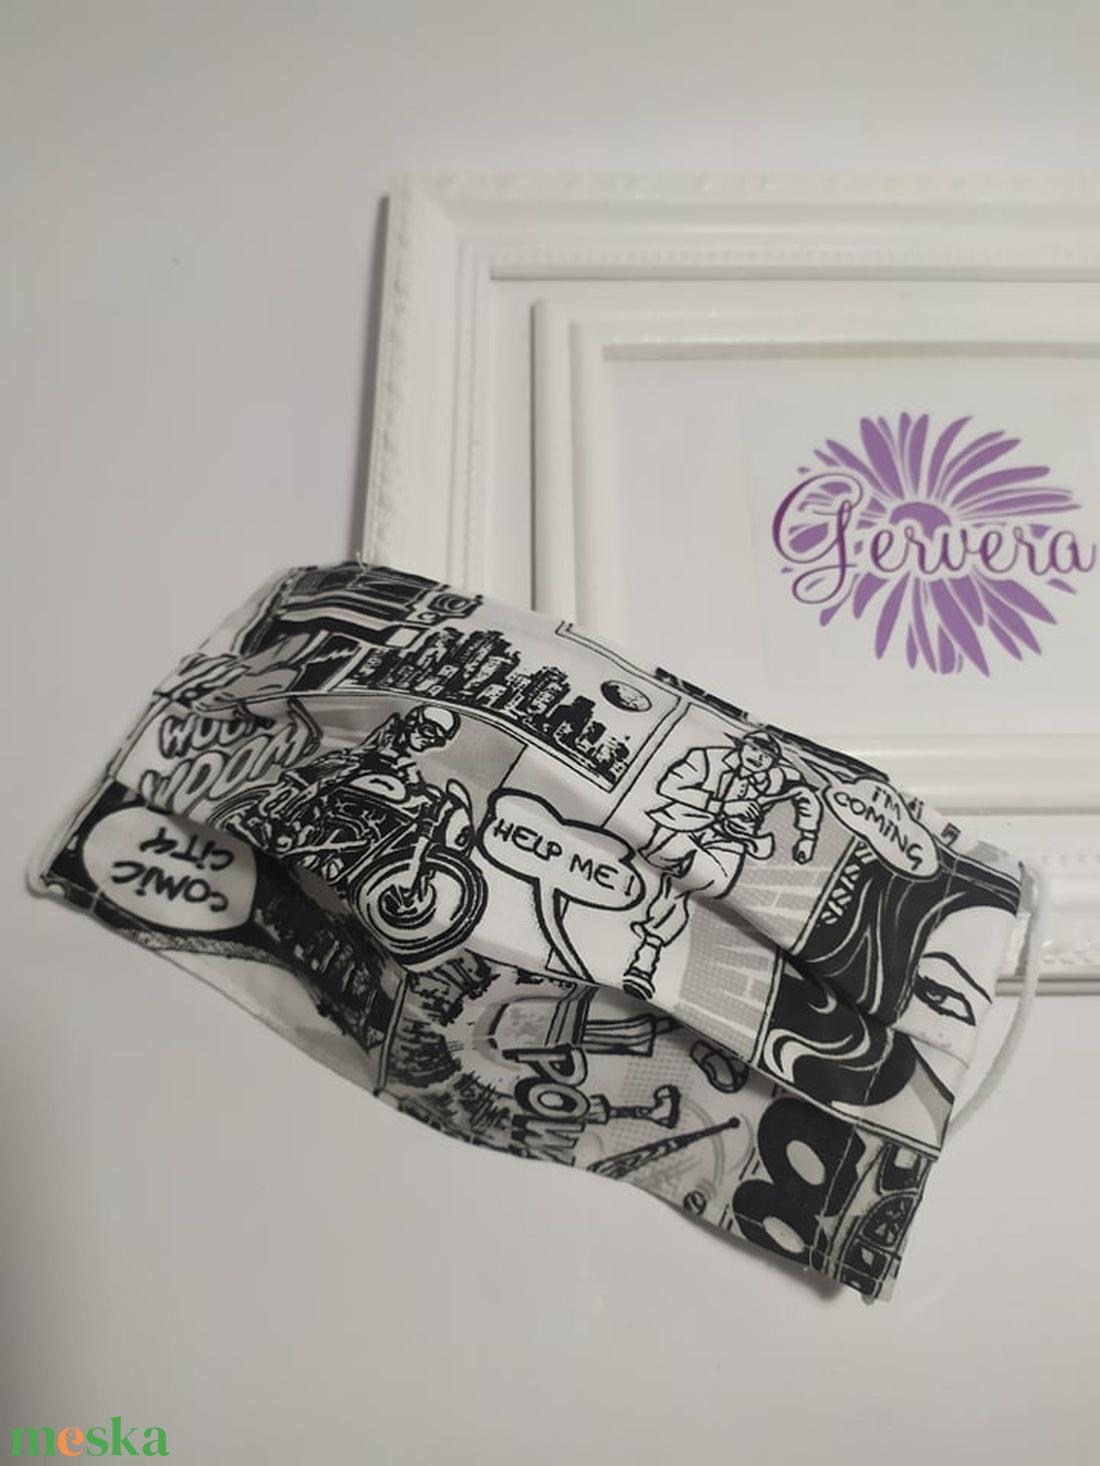 Textil maszk, kétrétegű, képregényes,fekete-fehér (gervera) - Meska.hu